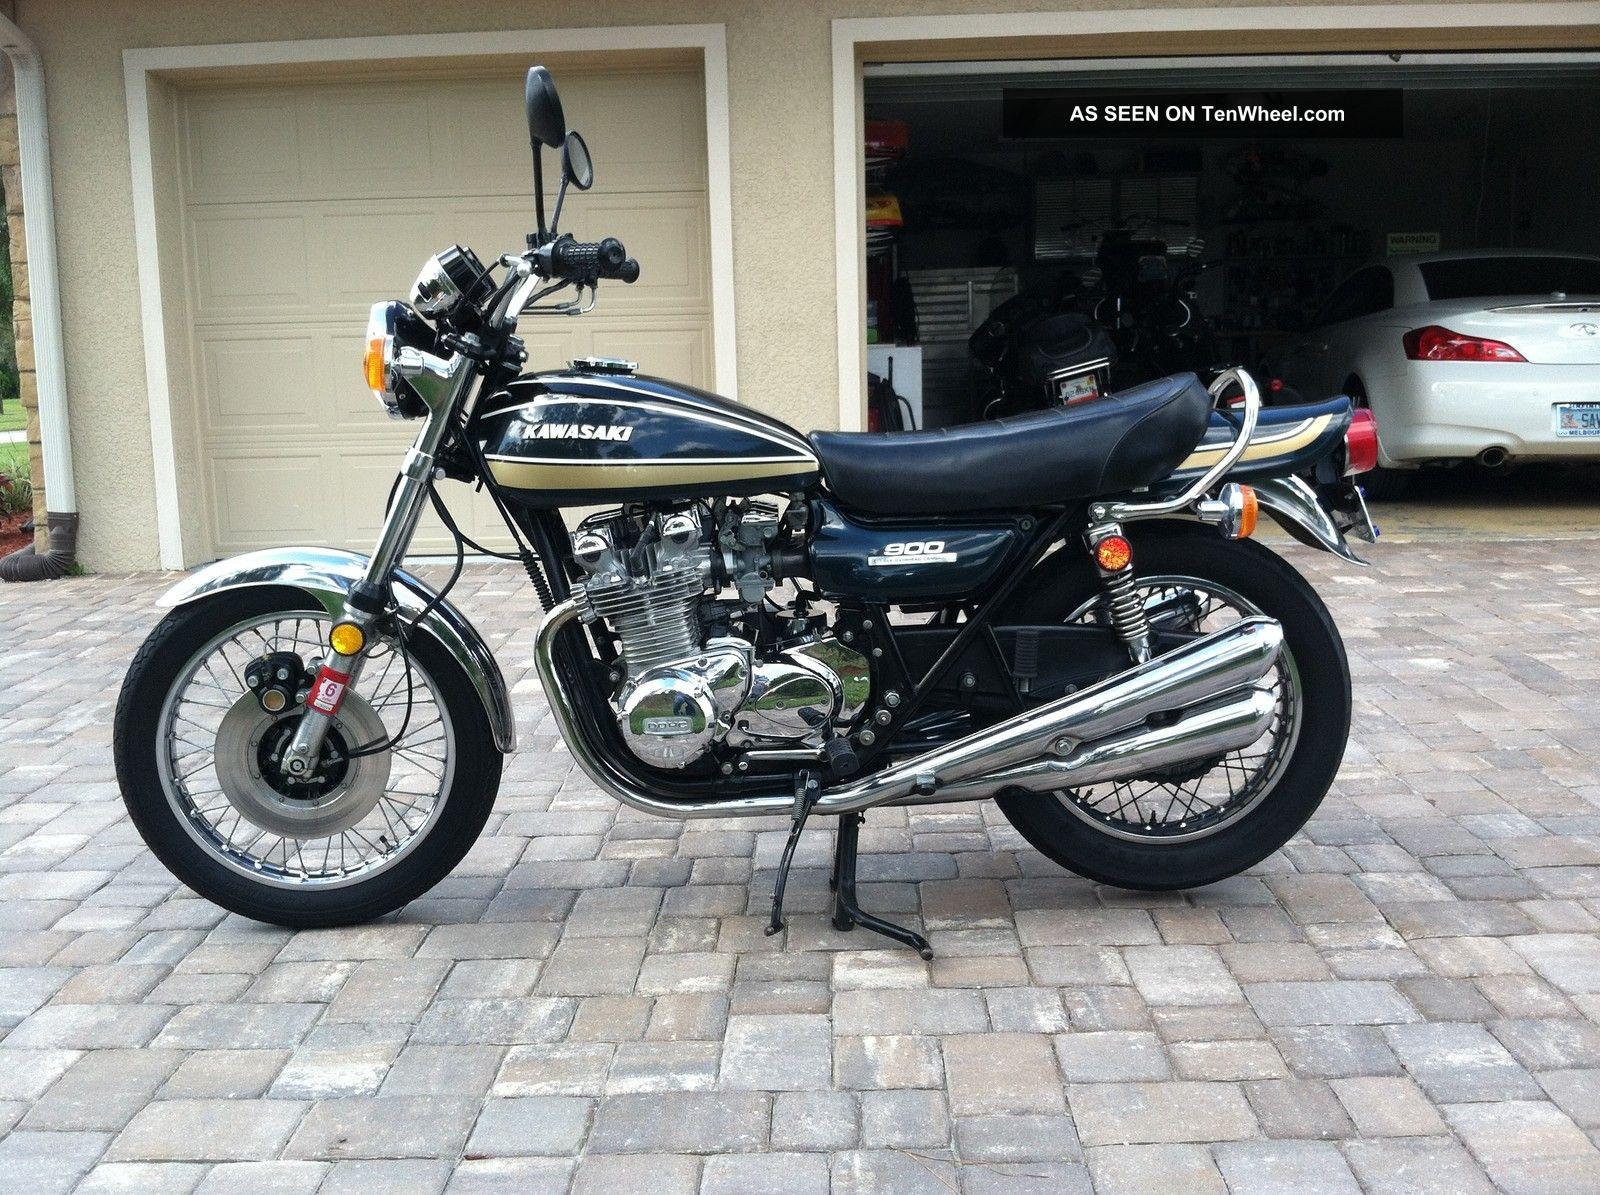 Restored Kawasaki Z1 - 1975 Photographs at Classic Bikes